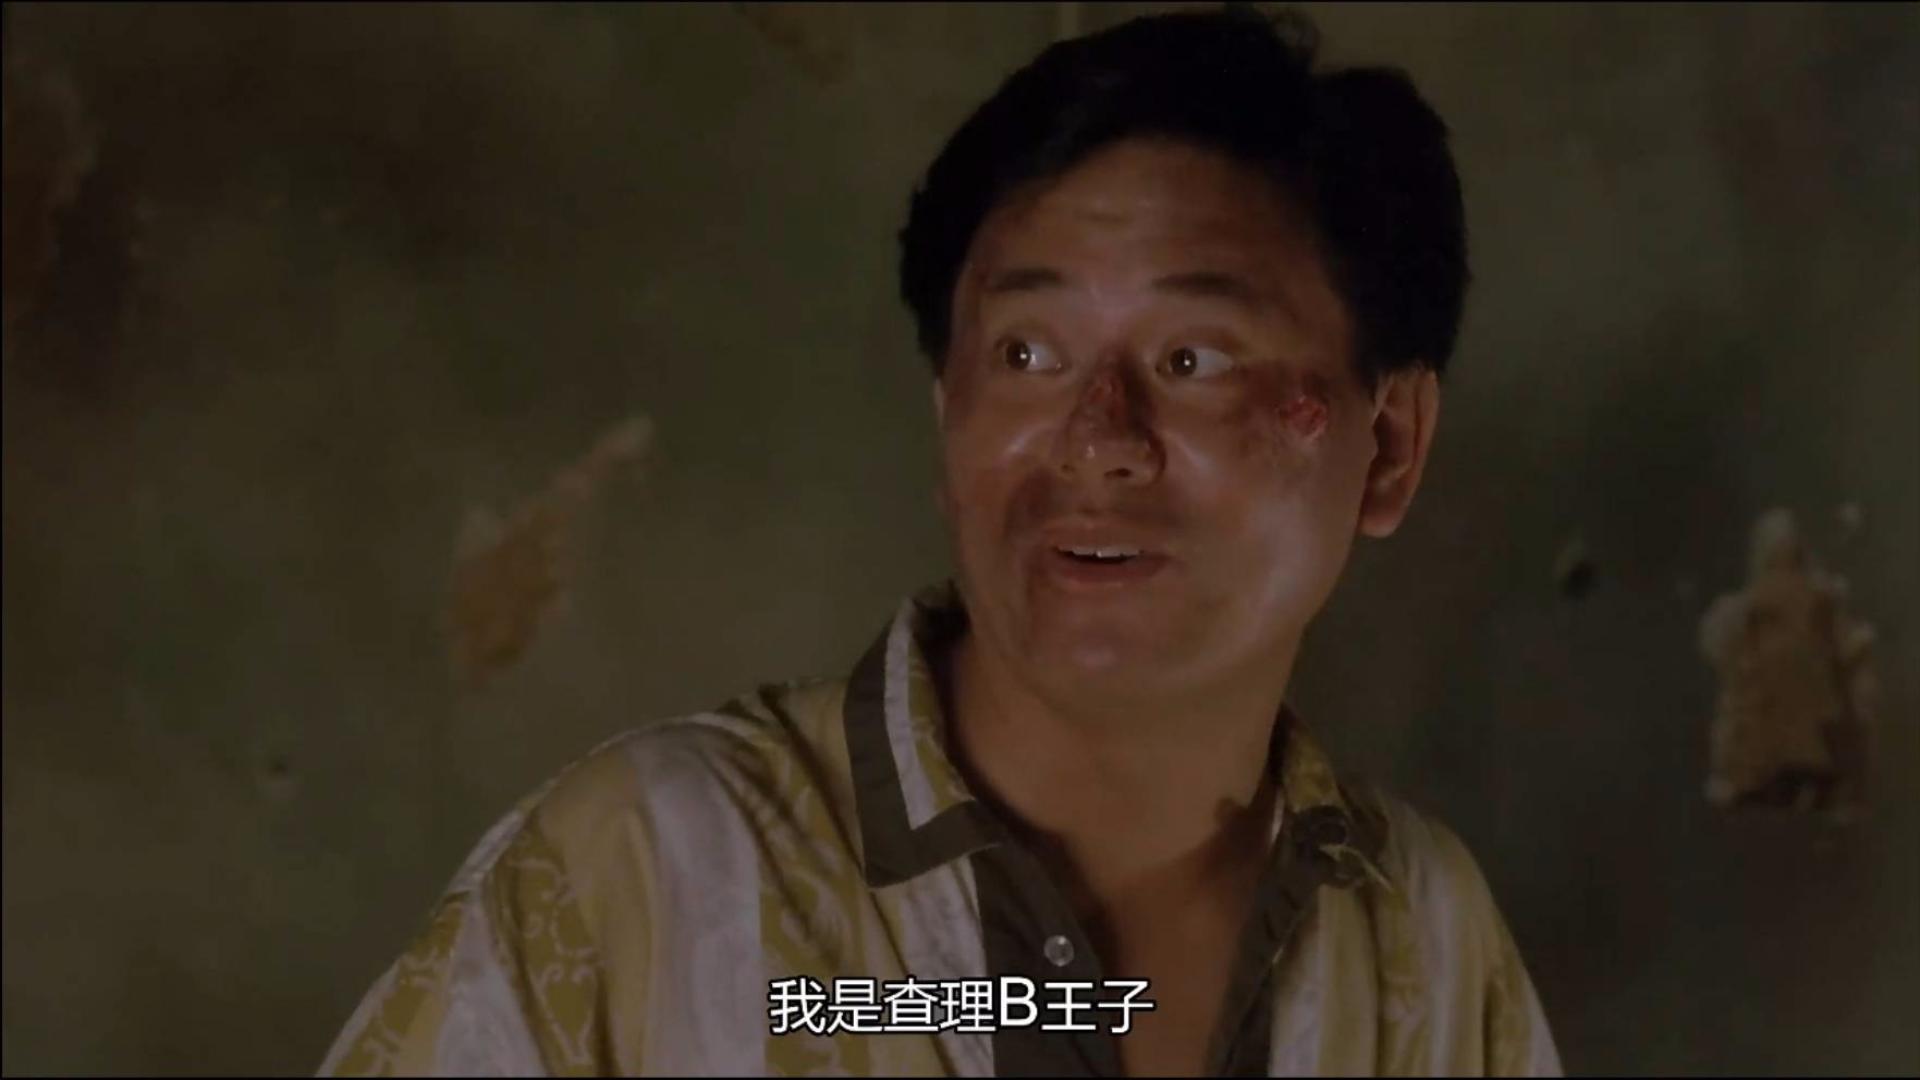 陈百祥和王祖贤对话 说着说着就开车